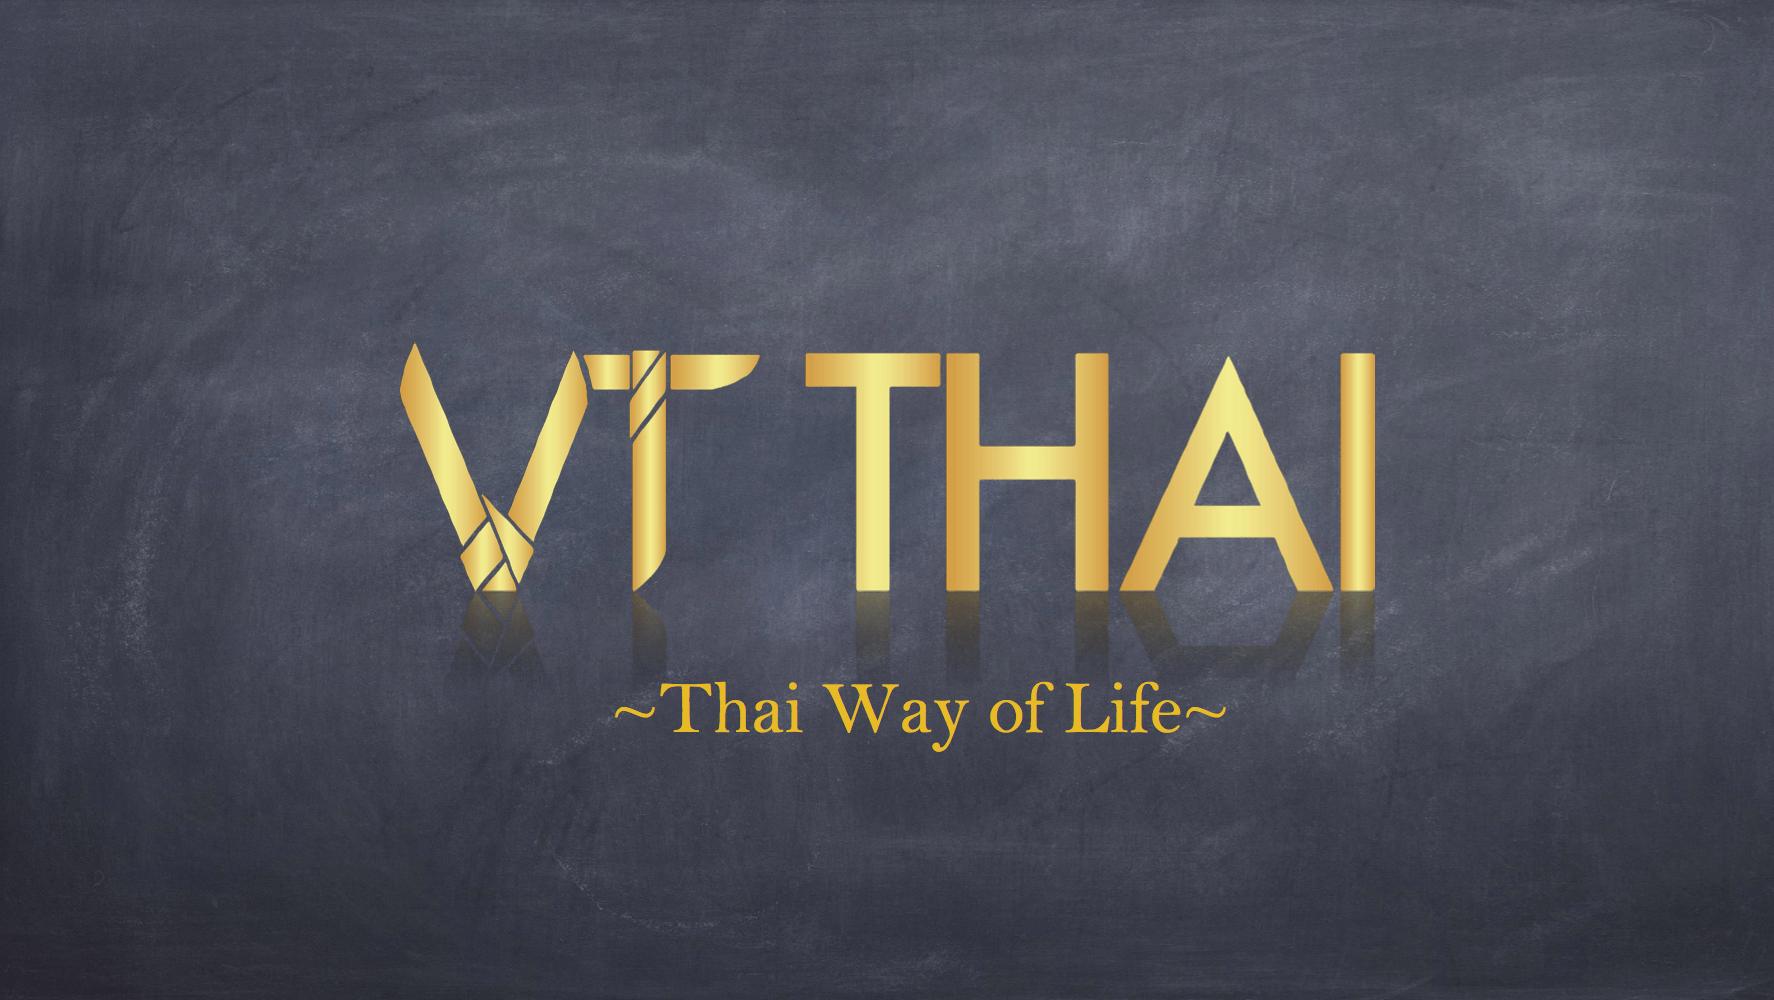 วีทีไทย กรุ๊ป